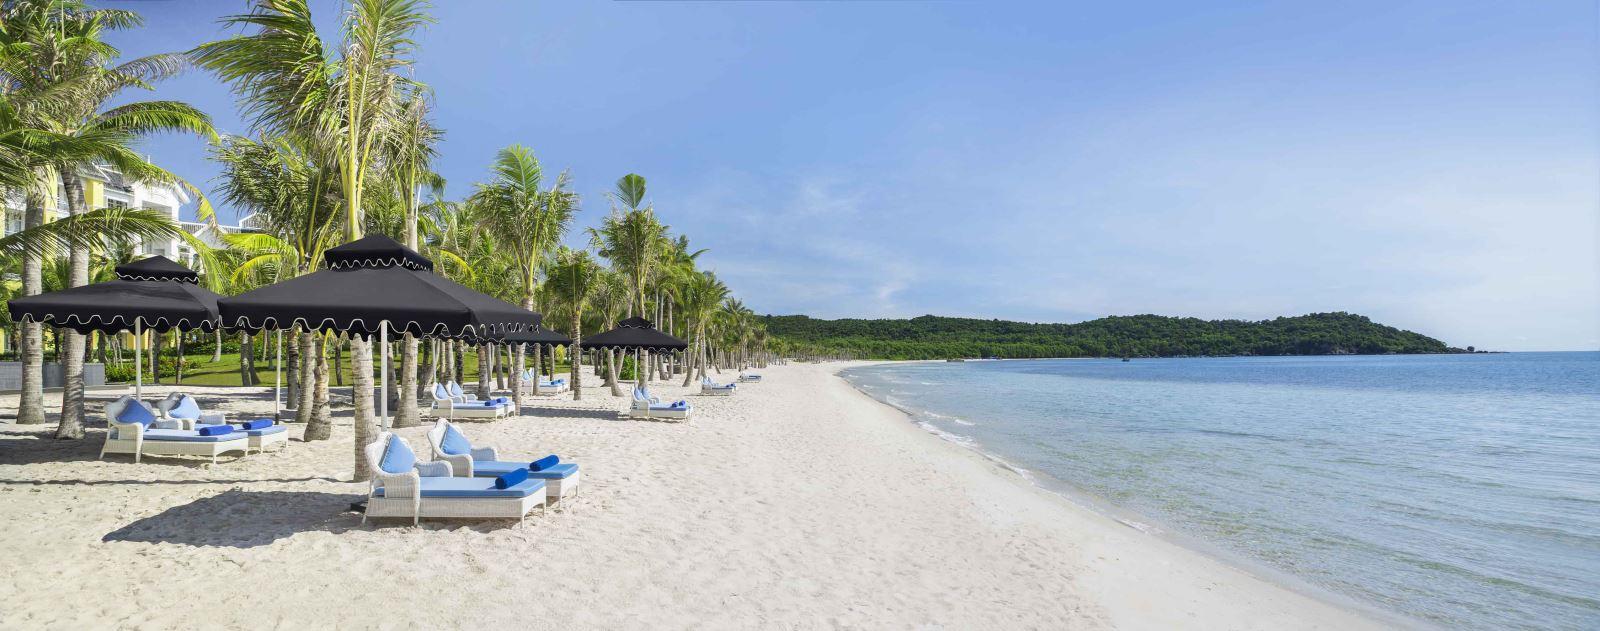 Lấp lánh như những viên ngọc xanh biếc, những bãi biển cồn cát trước những rặng dừa nên thơ và đắm mình trong đó là những cánh rừng nguyên sinh cùng hệ sinh thái phong phú, đa dạng